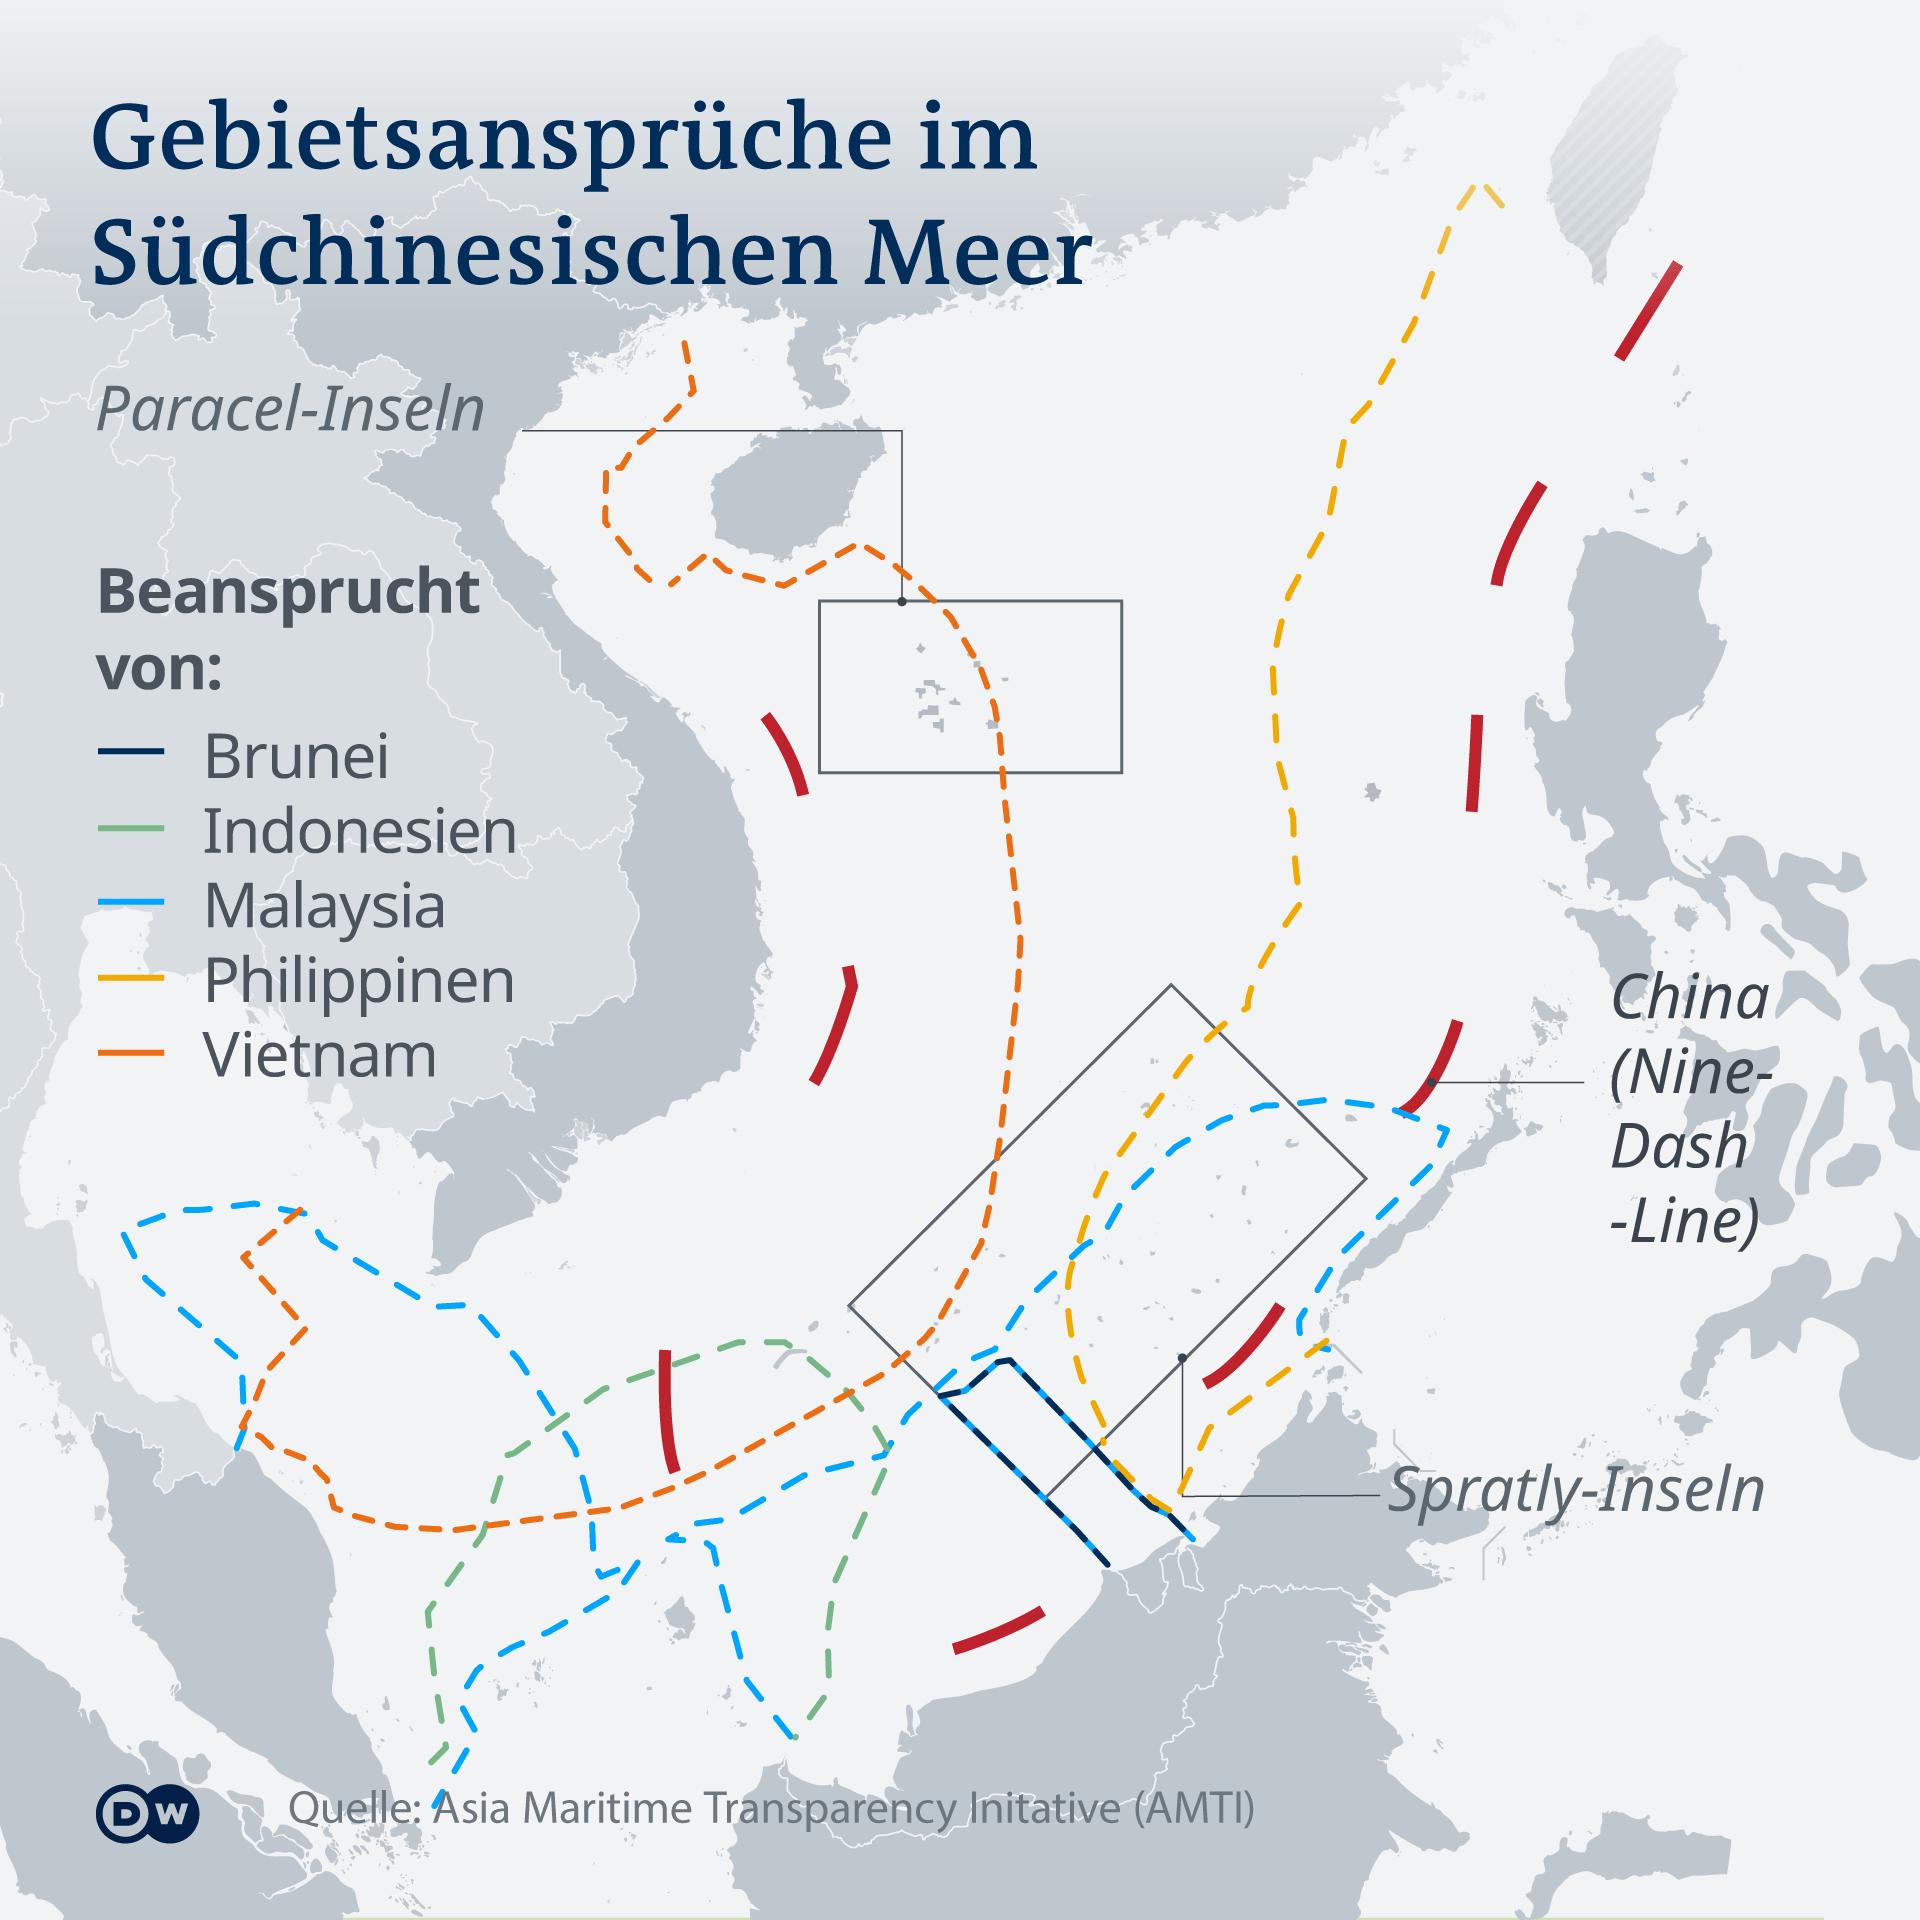 Gebietsansprüche im Südchinesischen Meer DE